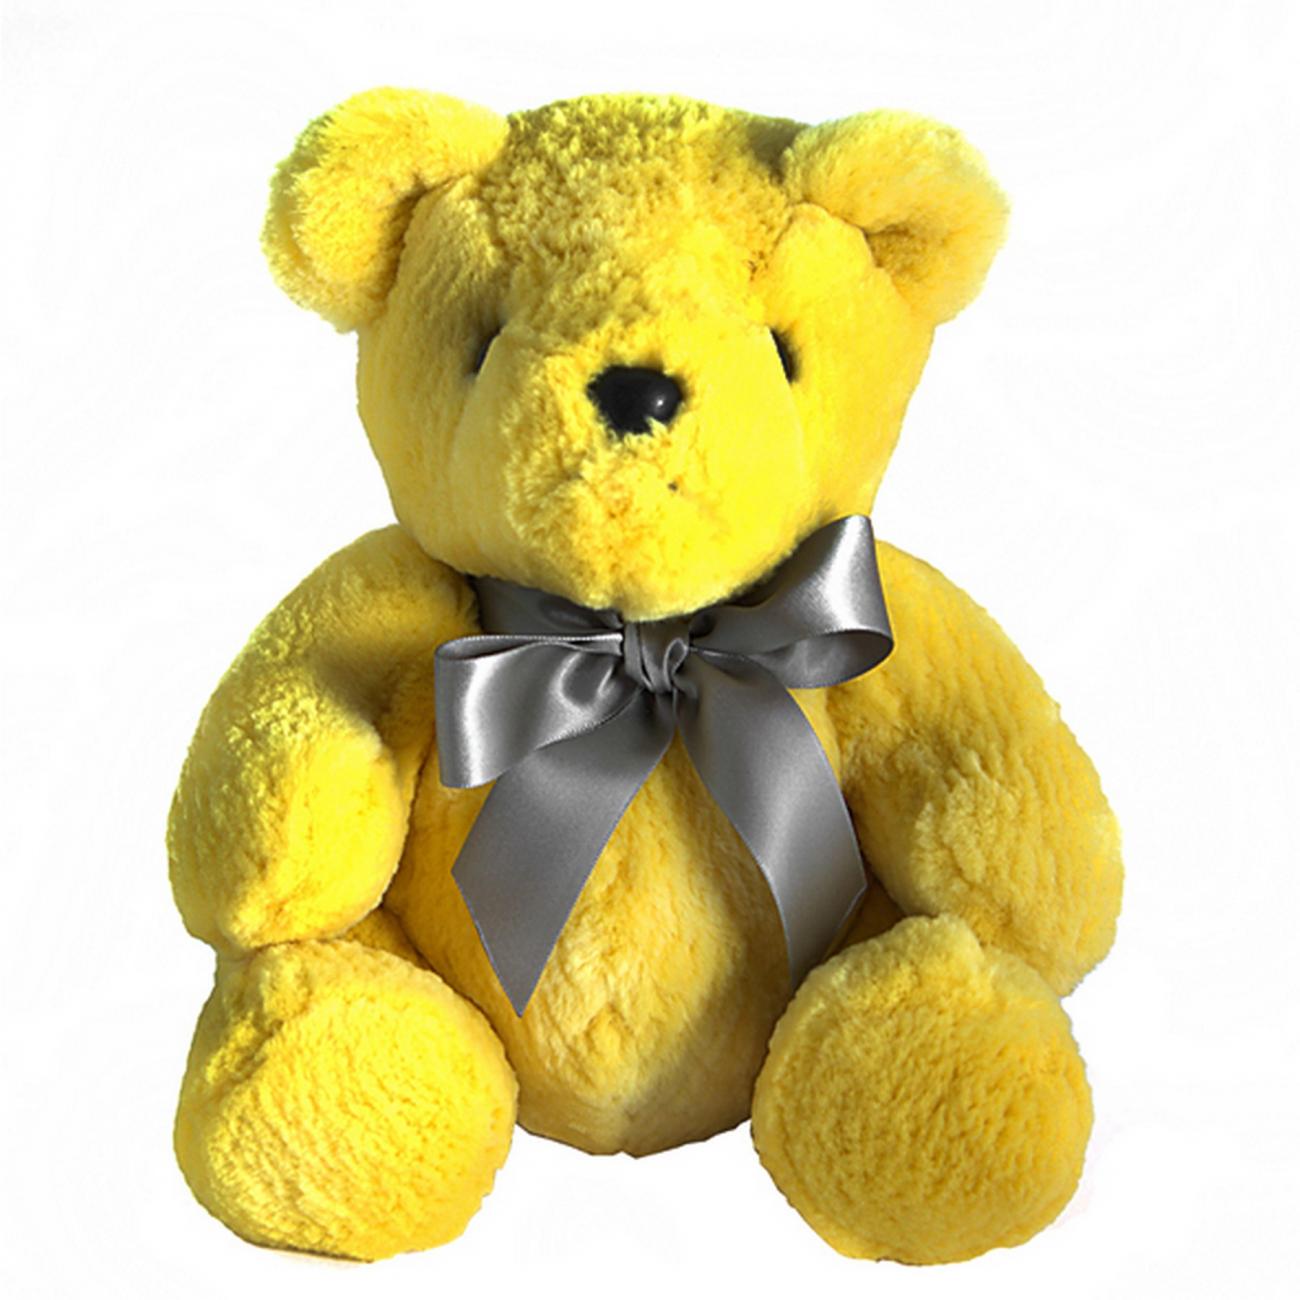 Купить Игрушка Медвежонок с бантом (желтый) натуральный мех бобра в интернет магазине дизайнерской мебели и аксессуаров для дома и дачи